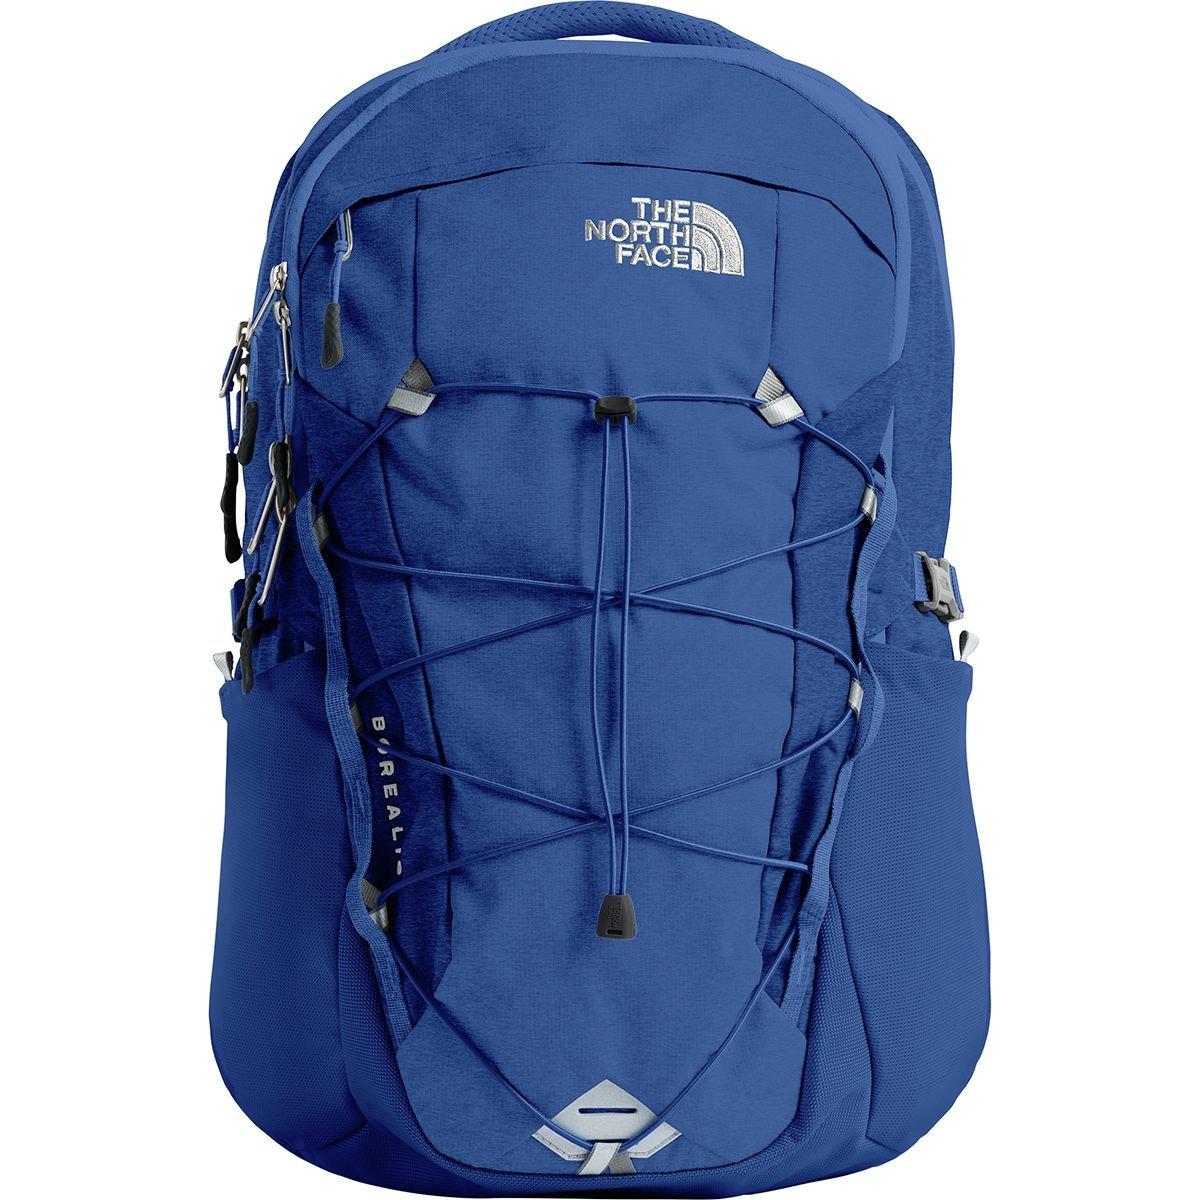 (ザノースフェイス) The North Face Borealis 28L Backpackメンズ バックパック リュック Flag Blue Dark Heather/Tnf White [並行輸入品]   B07F9MBC52